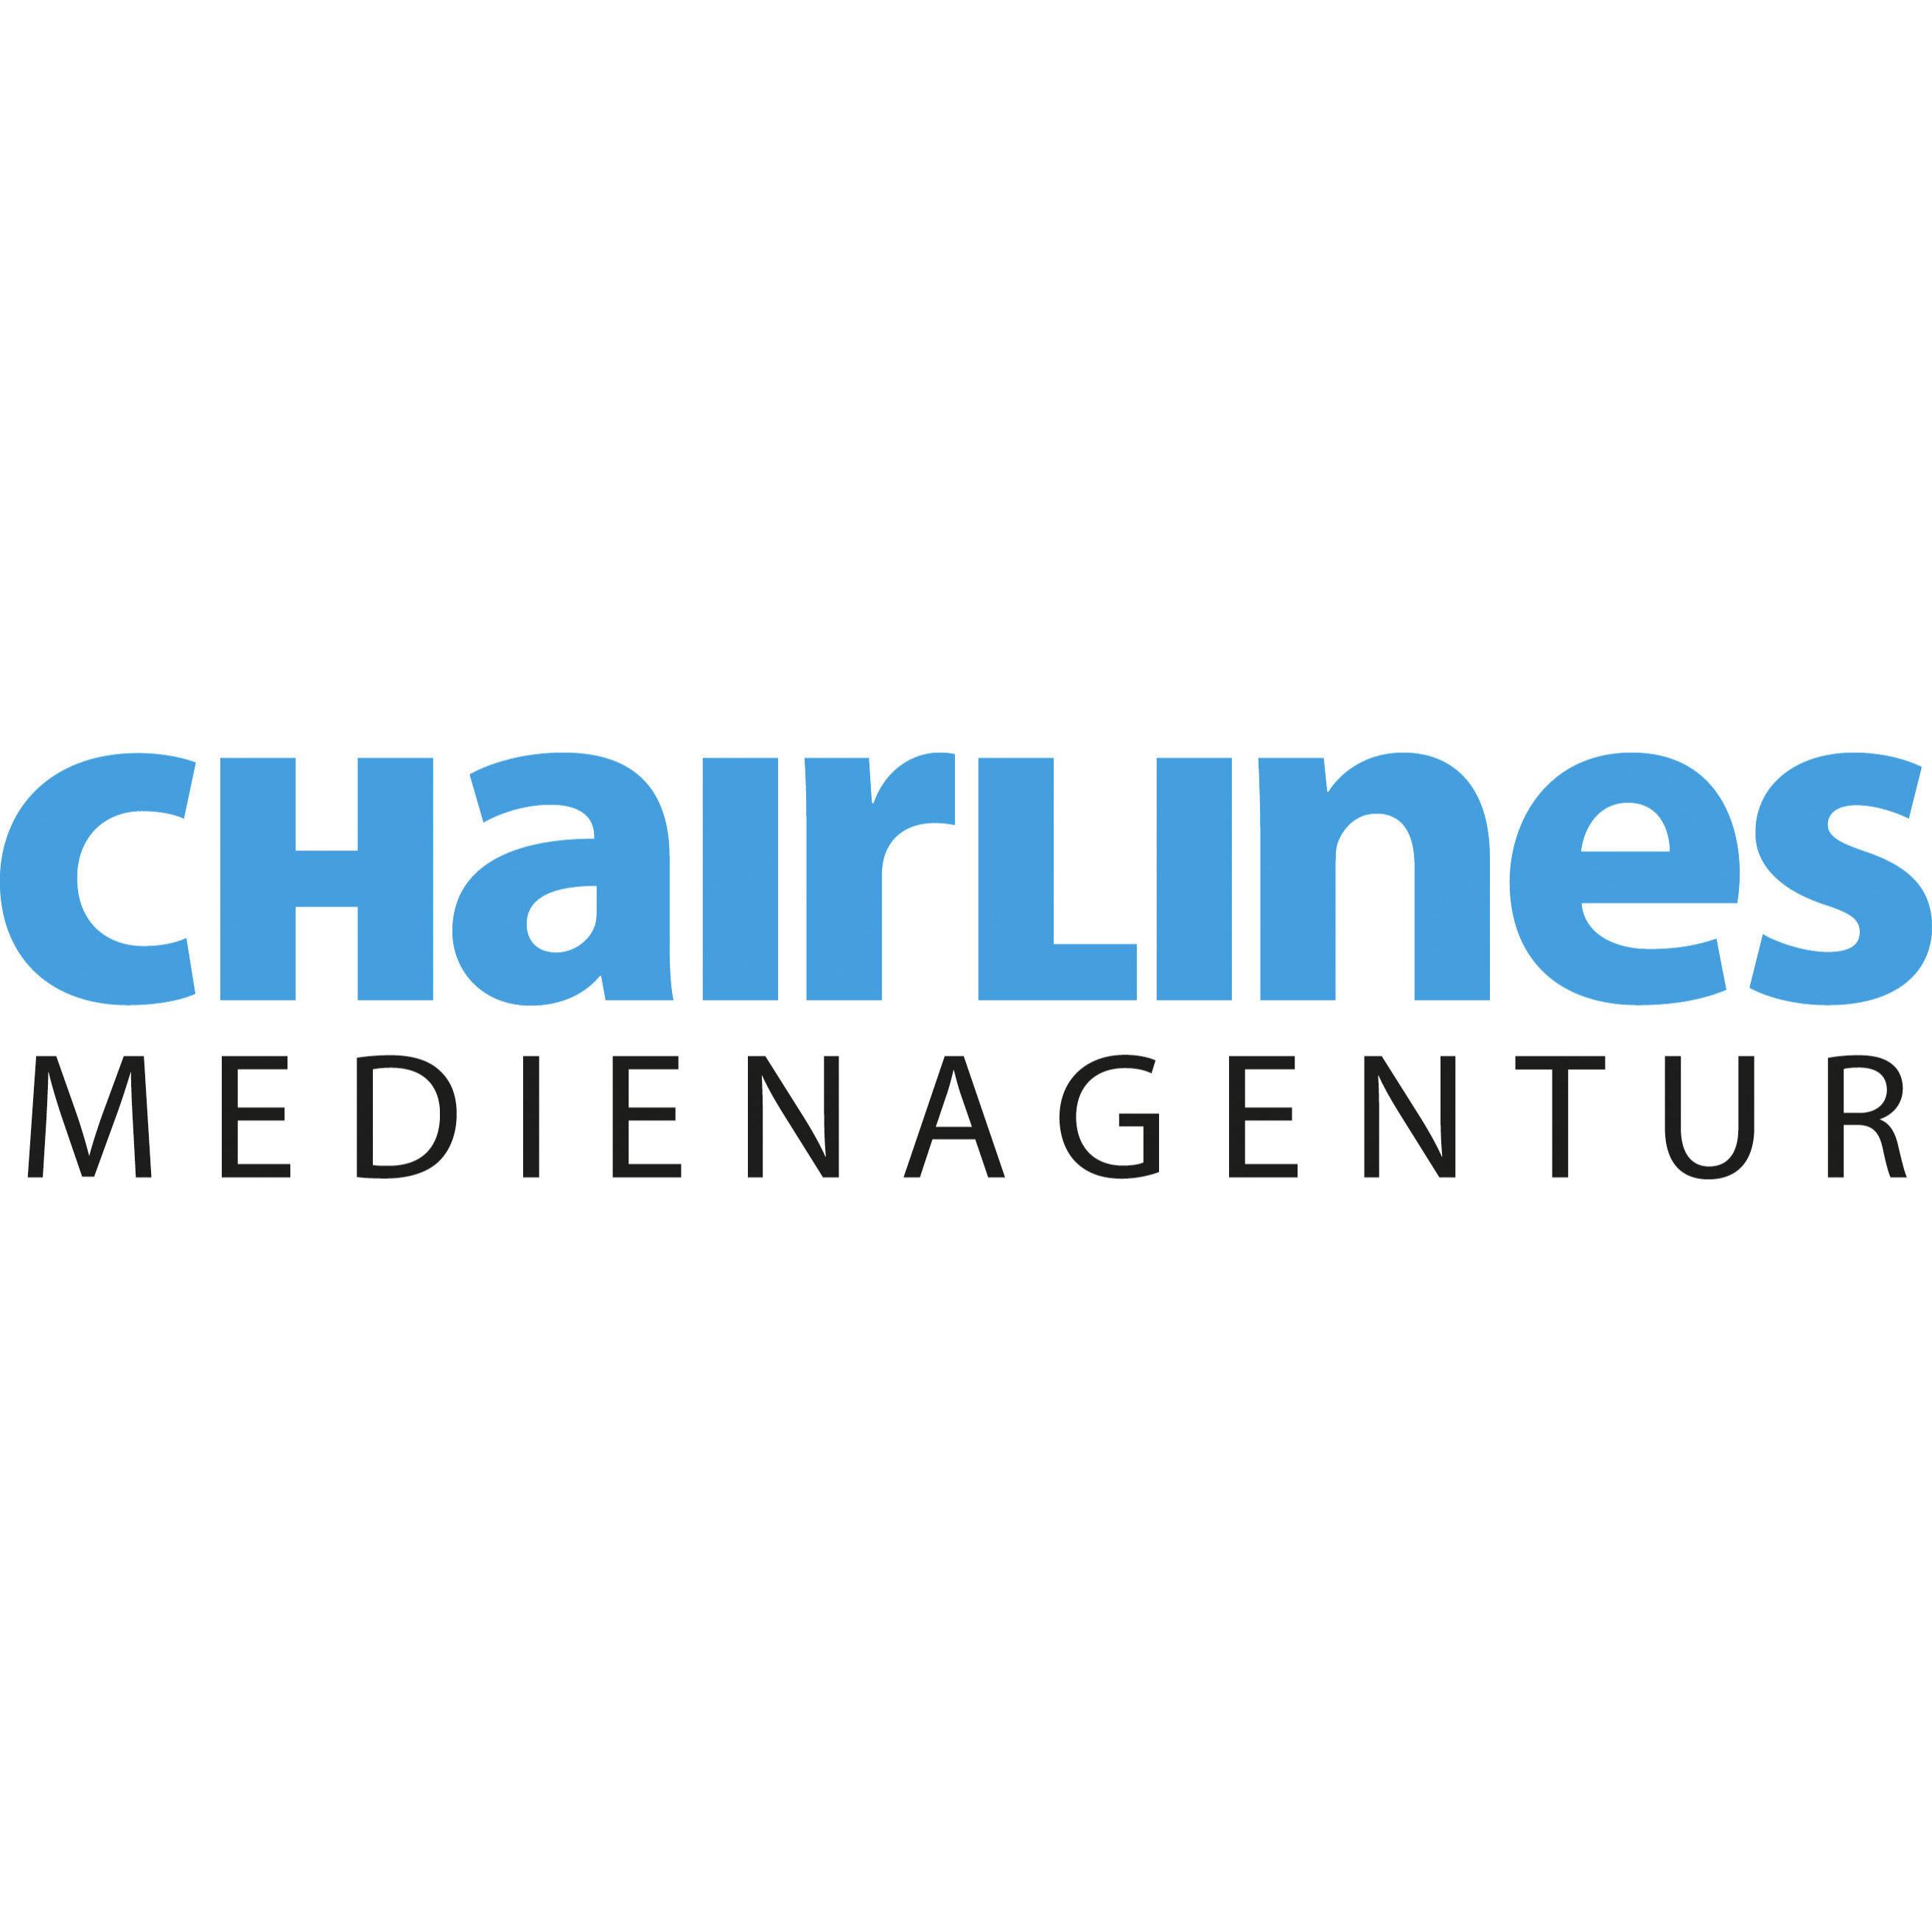 Bild zu chairlines medienagentur in Spremberg